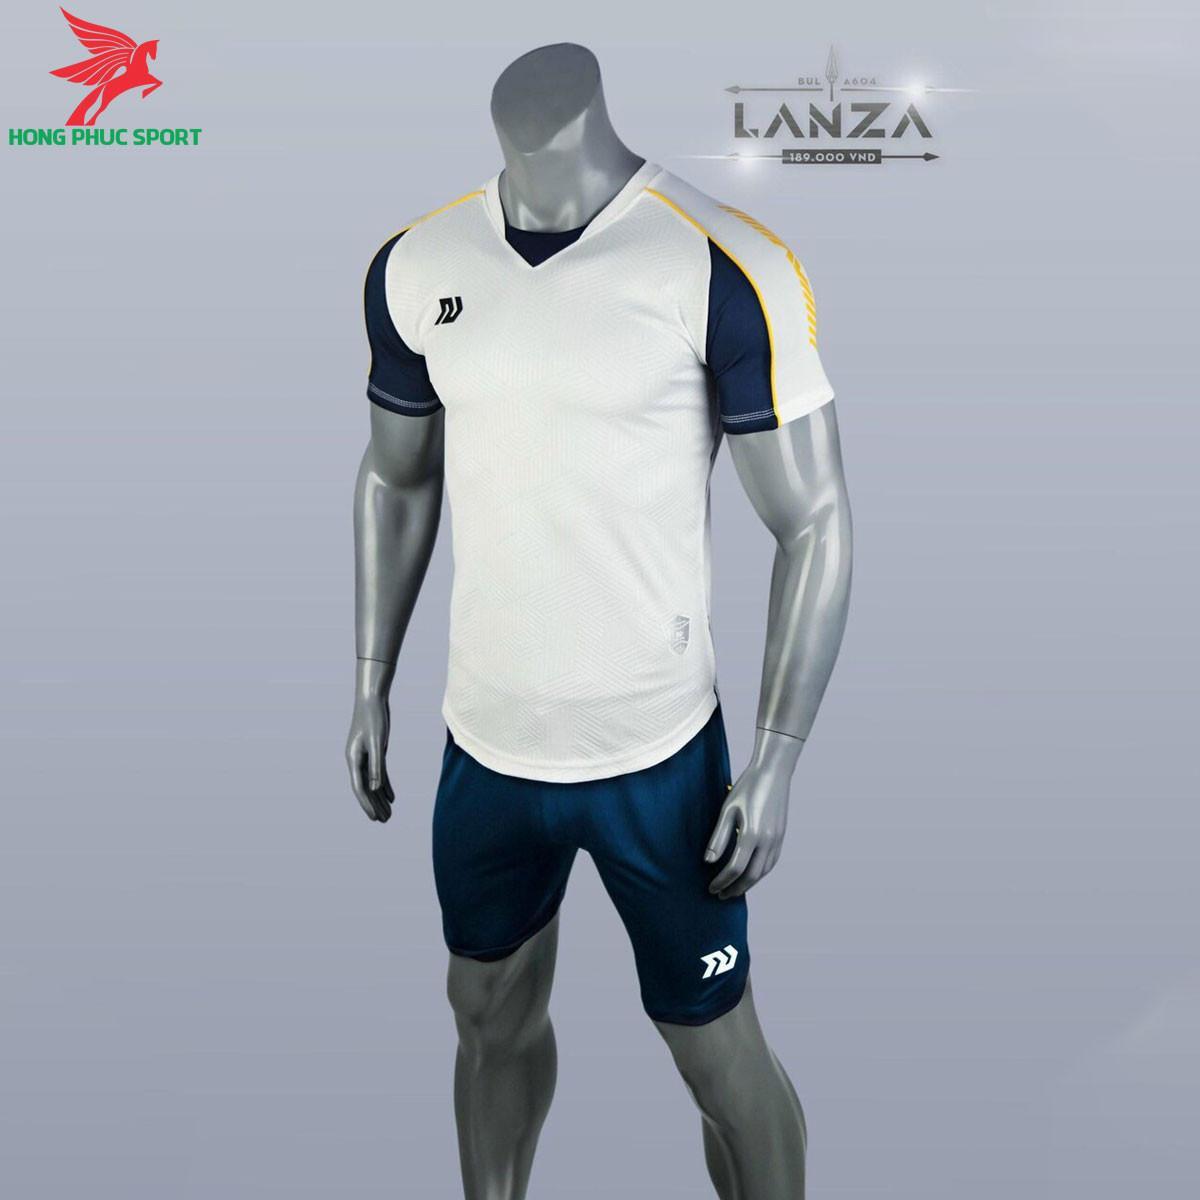 Áo đá banh không logo Bulbal Lanza 2021 màu Trắng